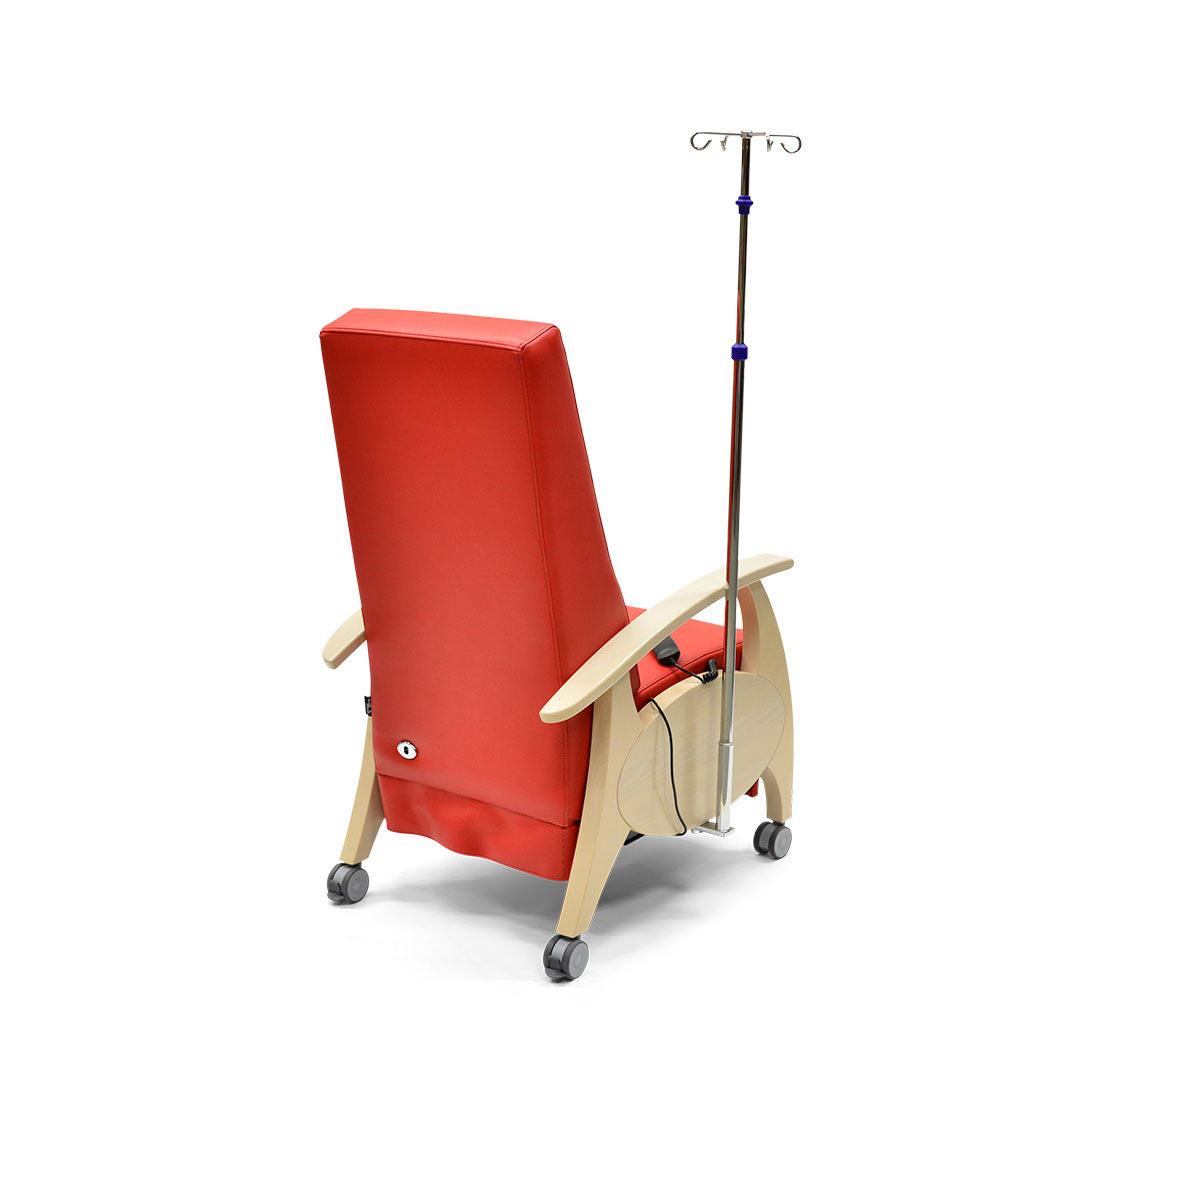 Pflegesessel Multicare wood 8509464R 01413005R5464 1 - MultiCare Wood Pflegesessel 8509